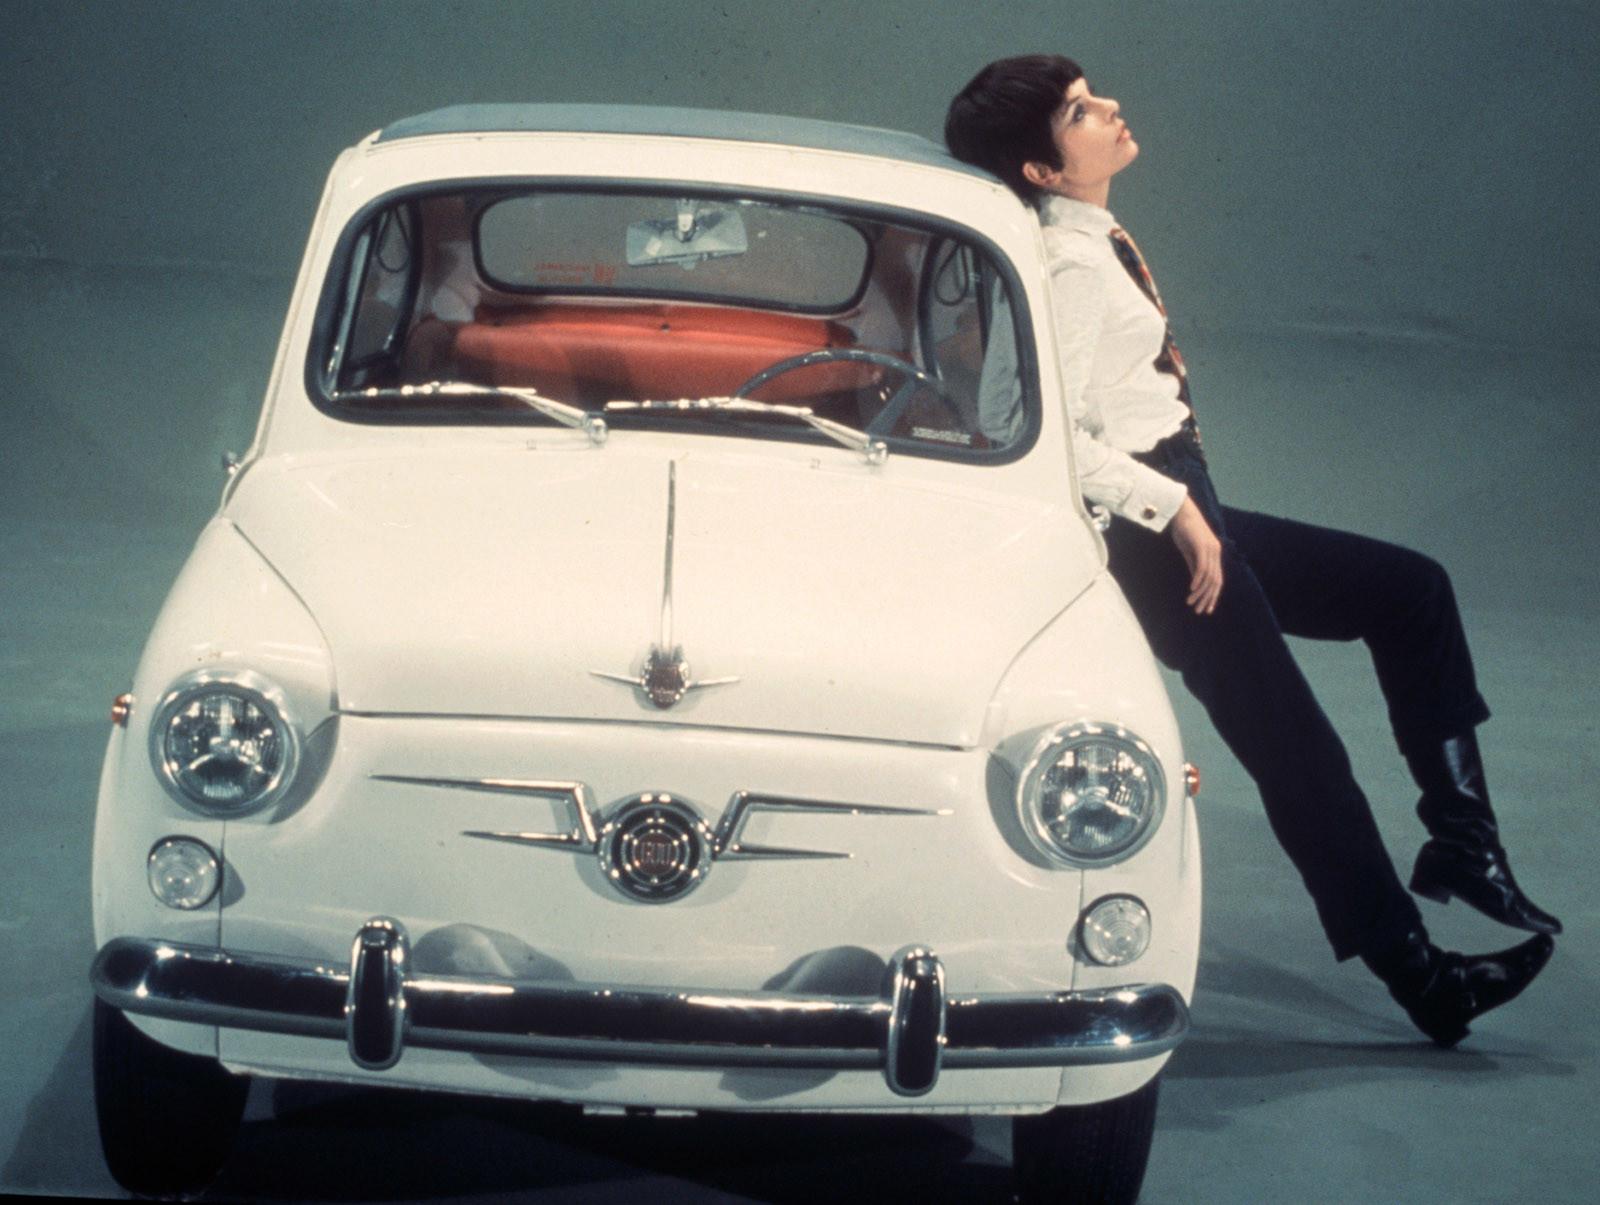 Foto de SEAT 600 (50 Aniversario) (54/64)